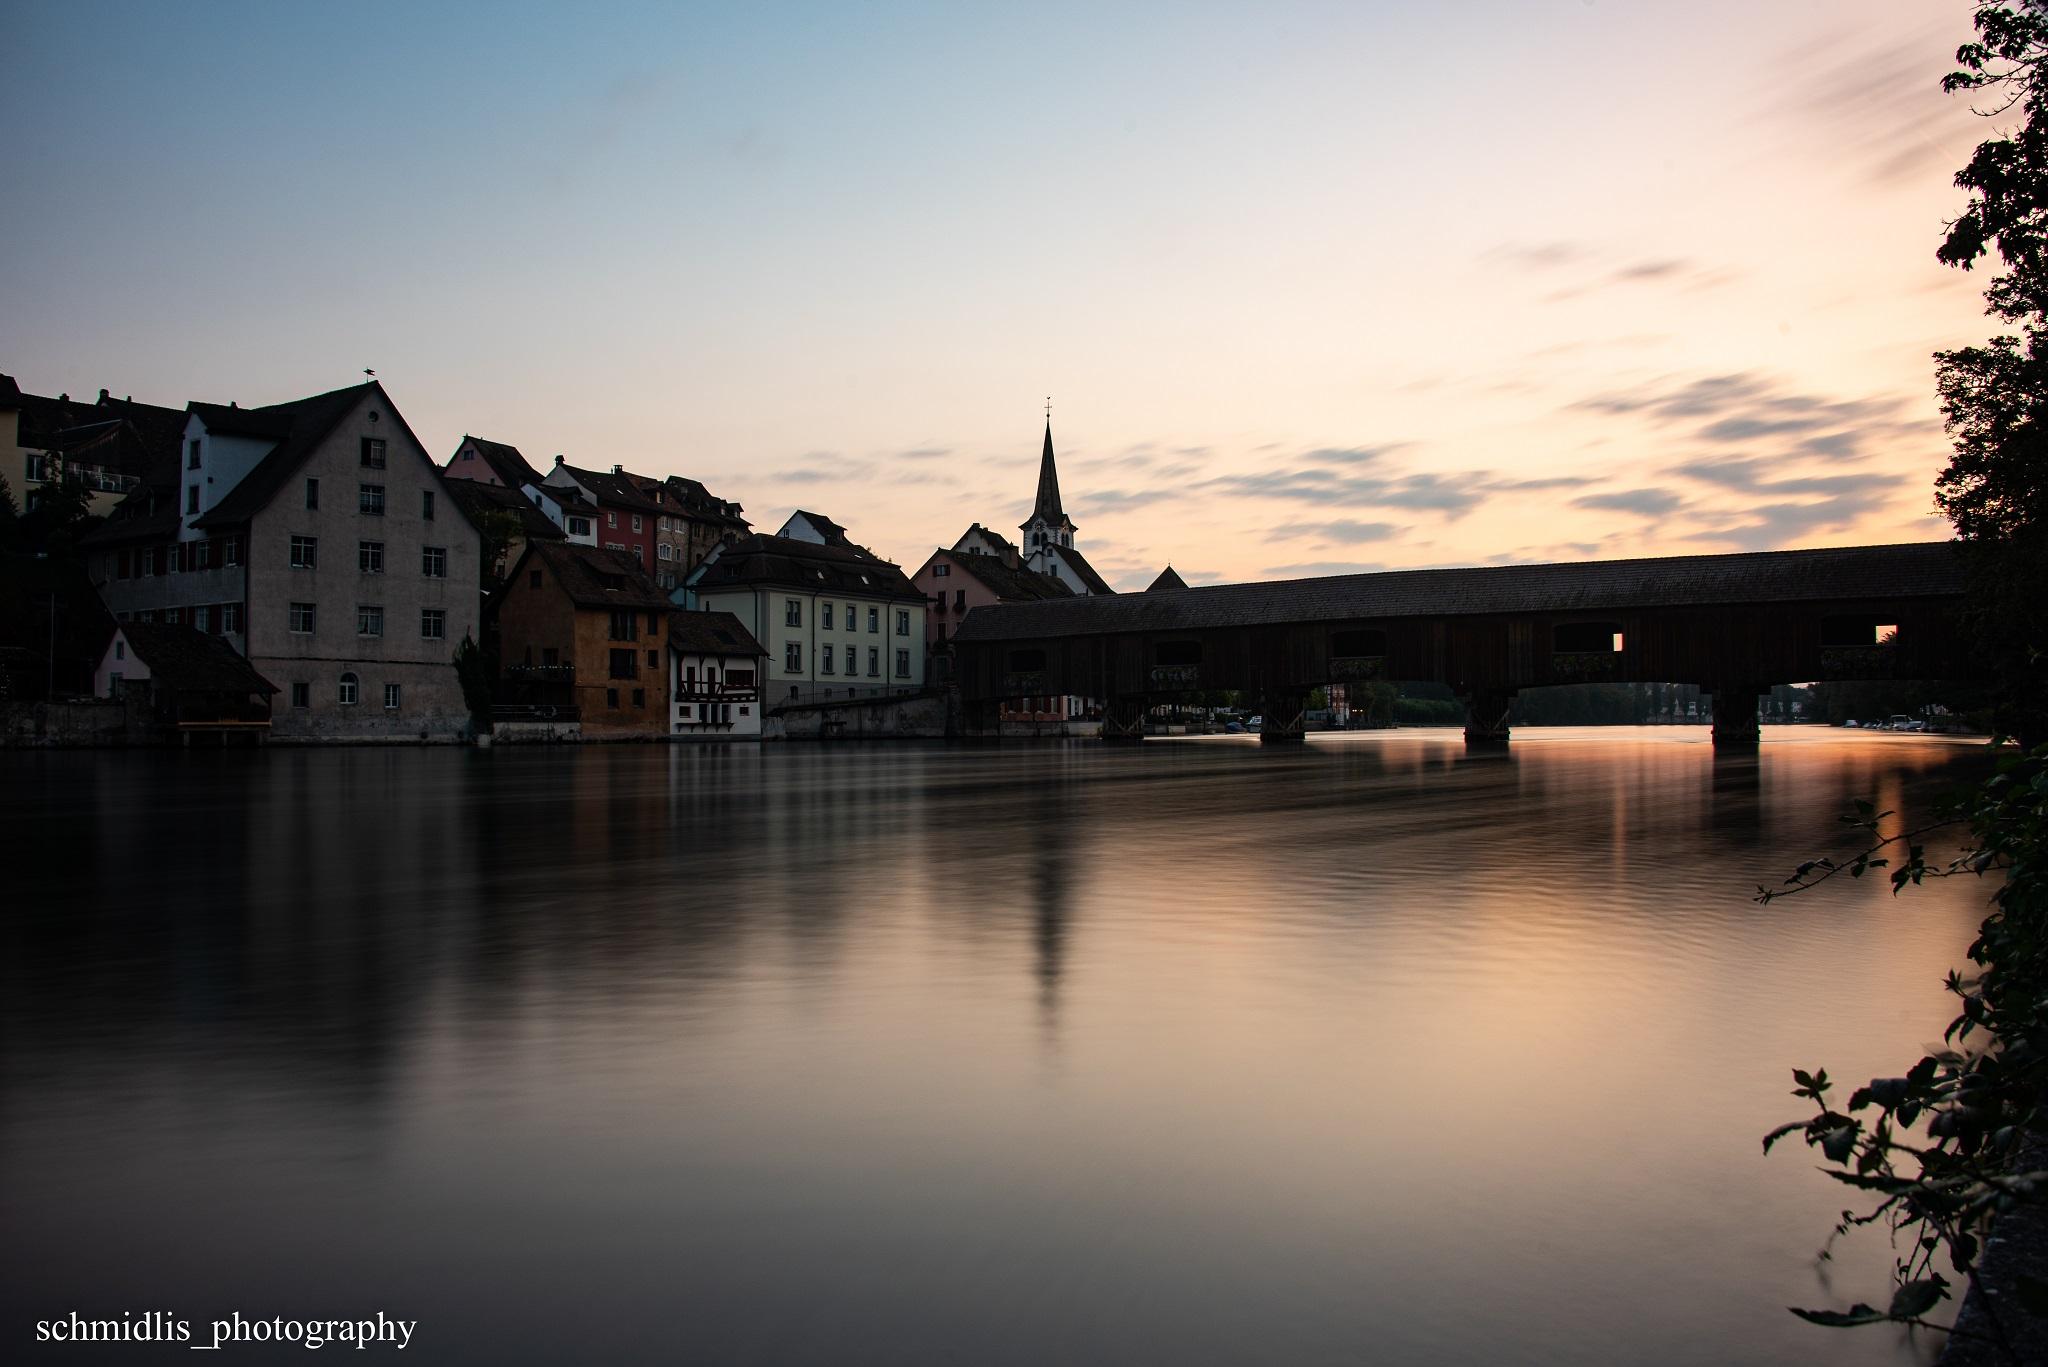 Rhein bei Diessenhofen, Germany